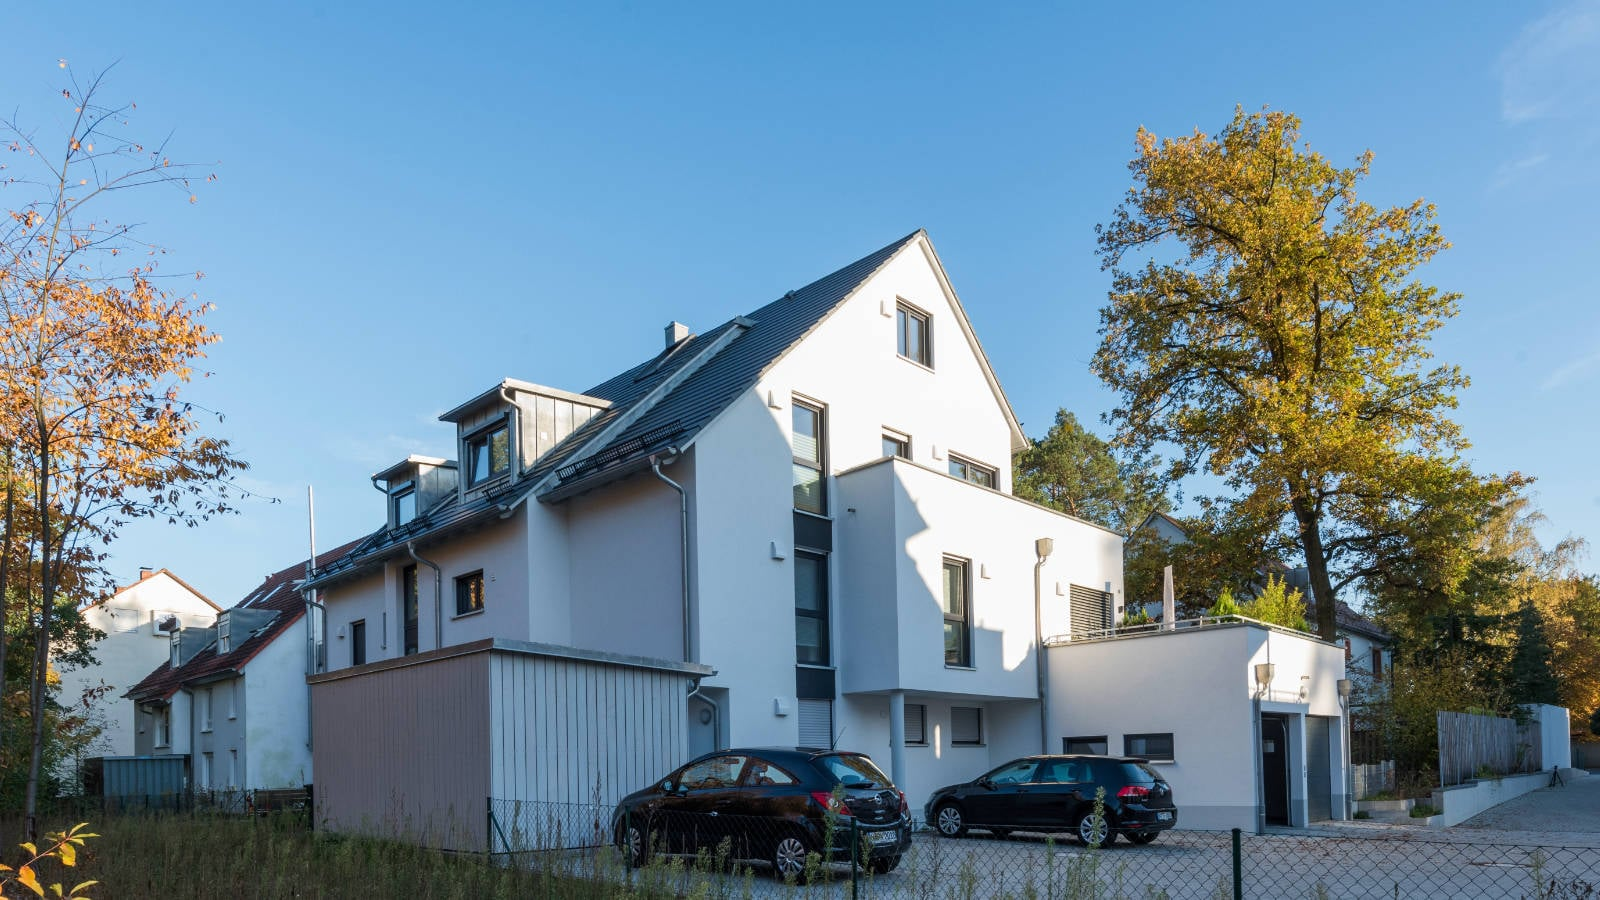 Naturgarten | Haus 2